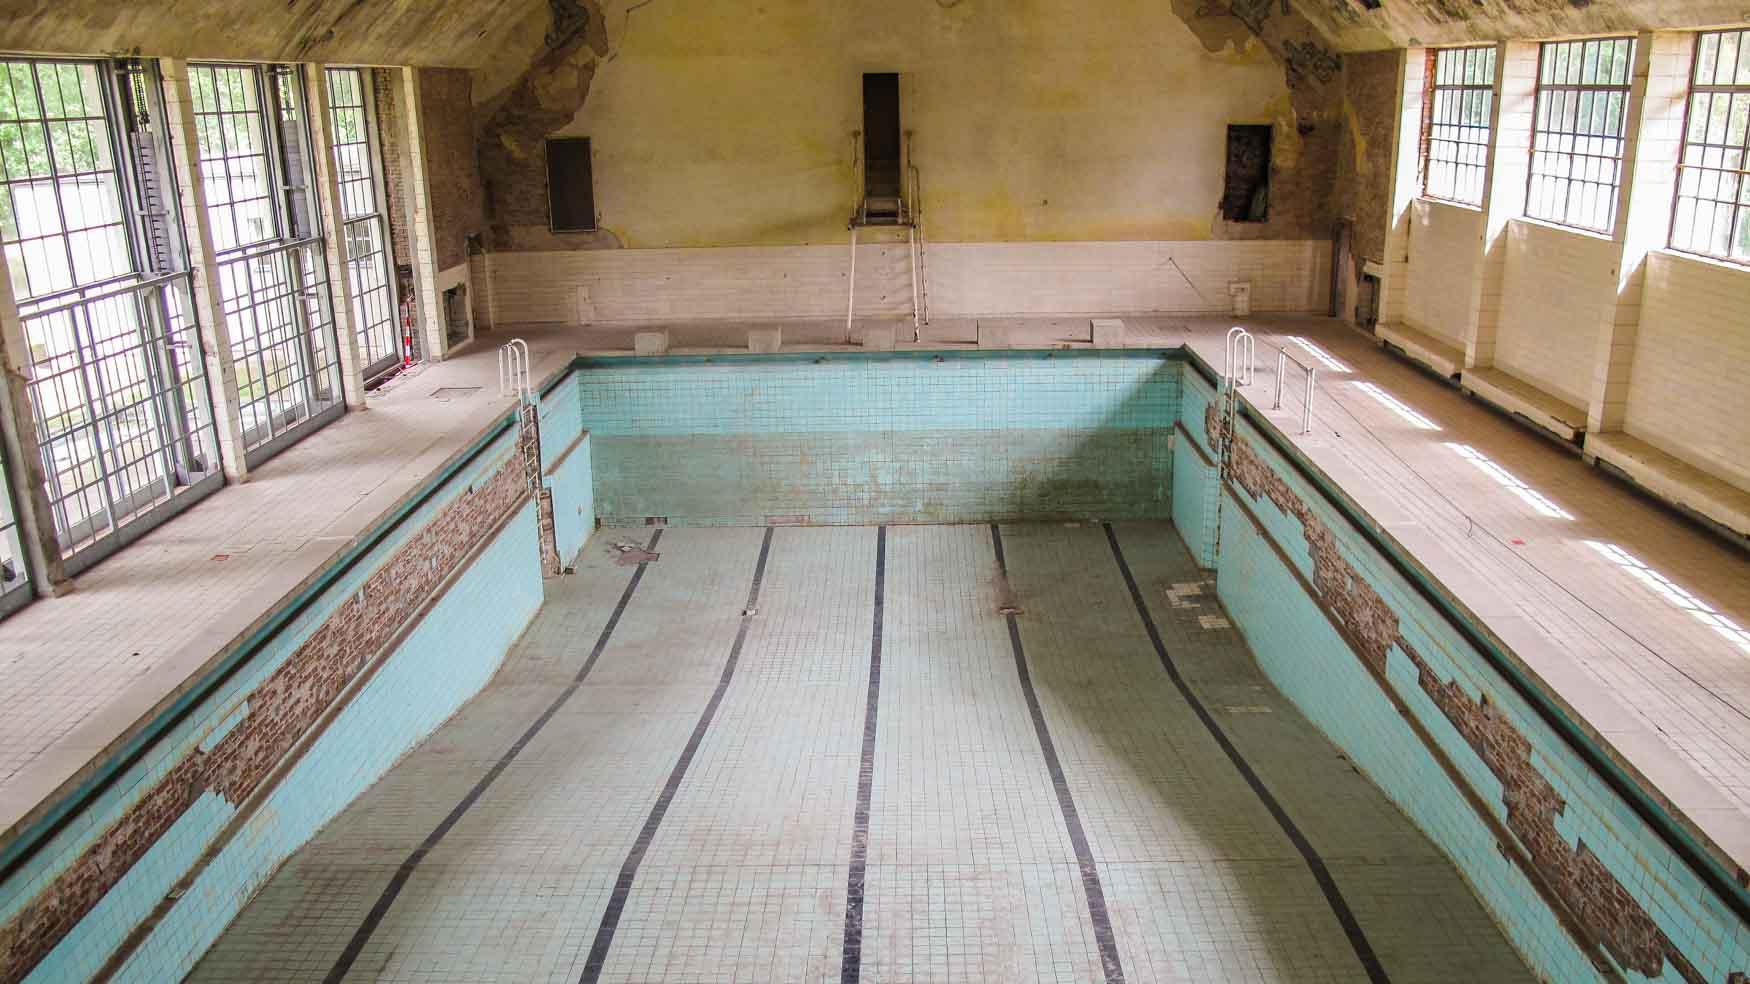 olympisches dorf elstal einst ein besonderer standort der sowjetarmee. Black Bedroom Furniture Sets. Home Design Ideas